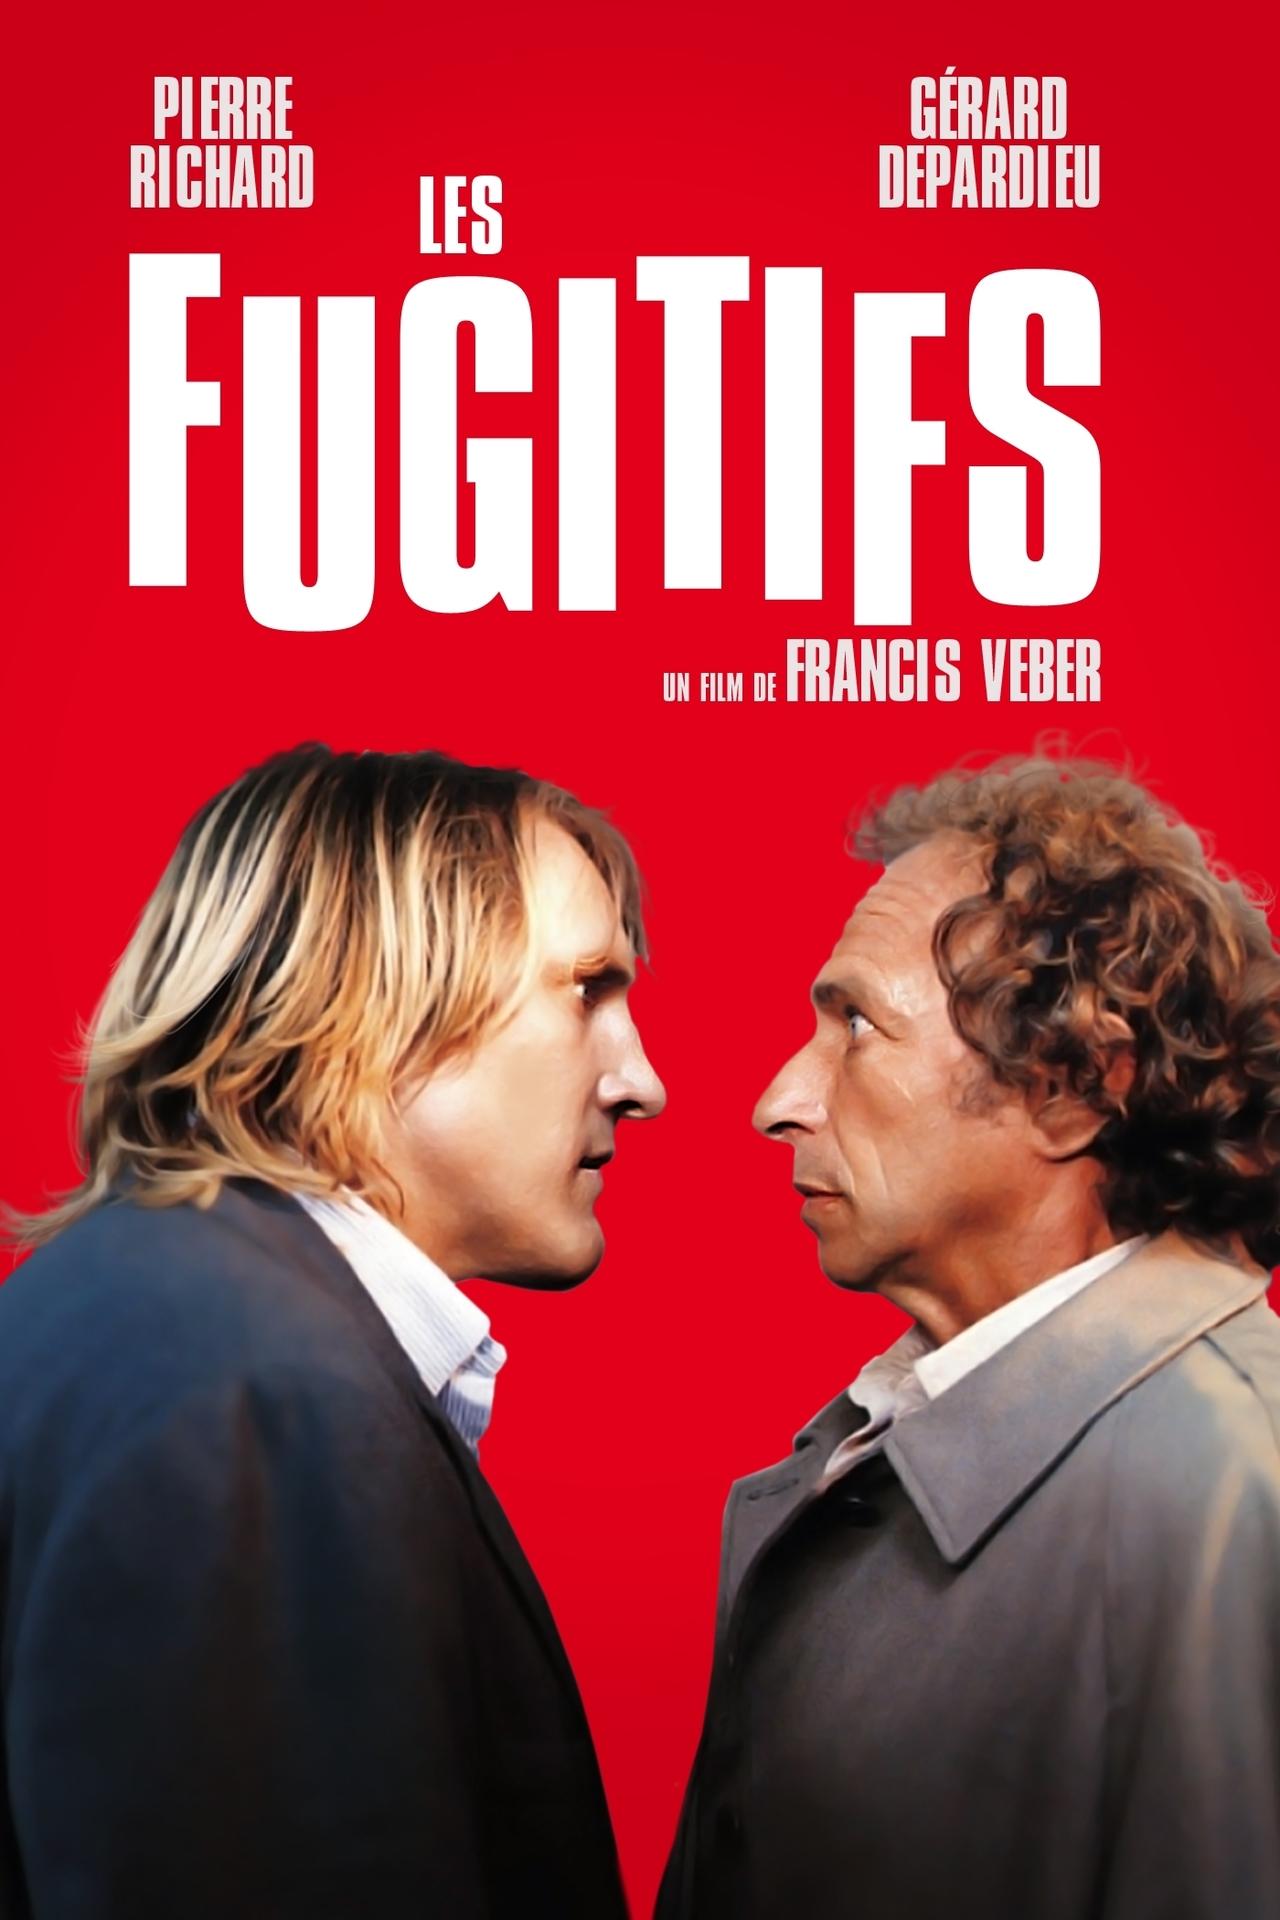 3 comme la troisi me collaboration sur les fugitifs du for Le nombre 13 film